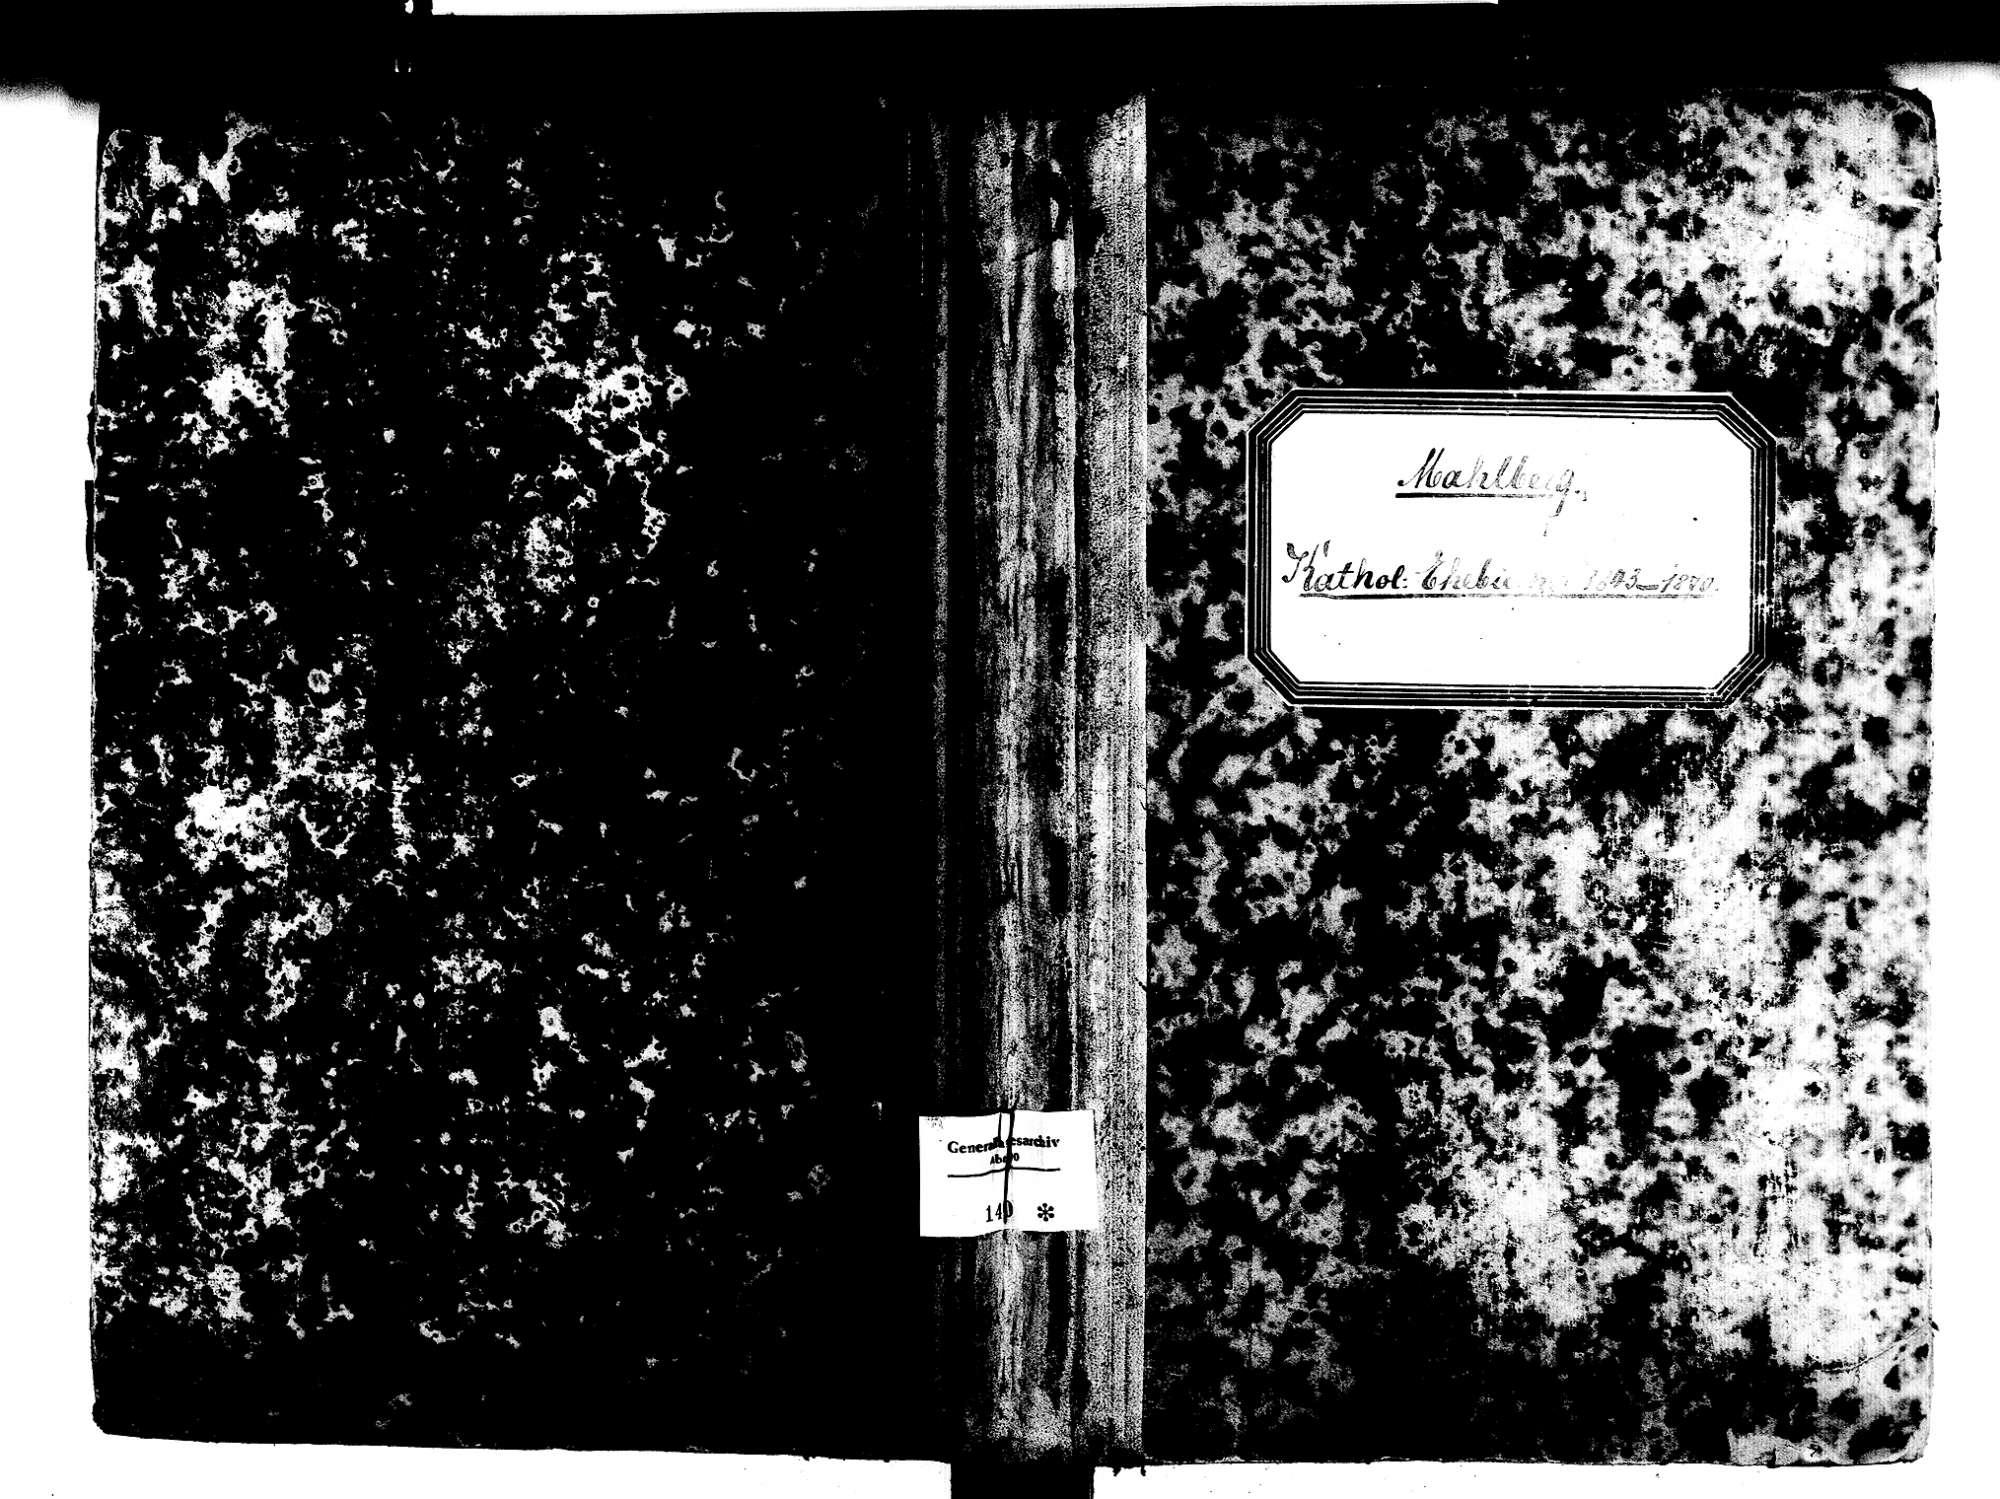 Mahlberg OG; Katholische Gemeinde: Heiratsbuch 1843-1870, Bild 1